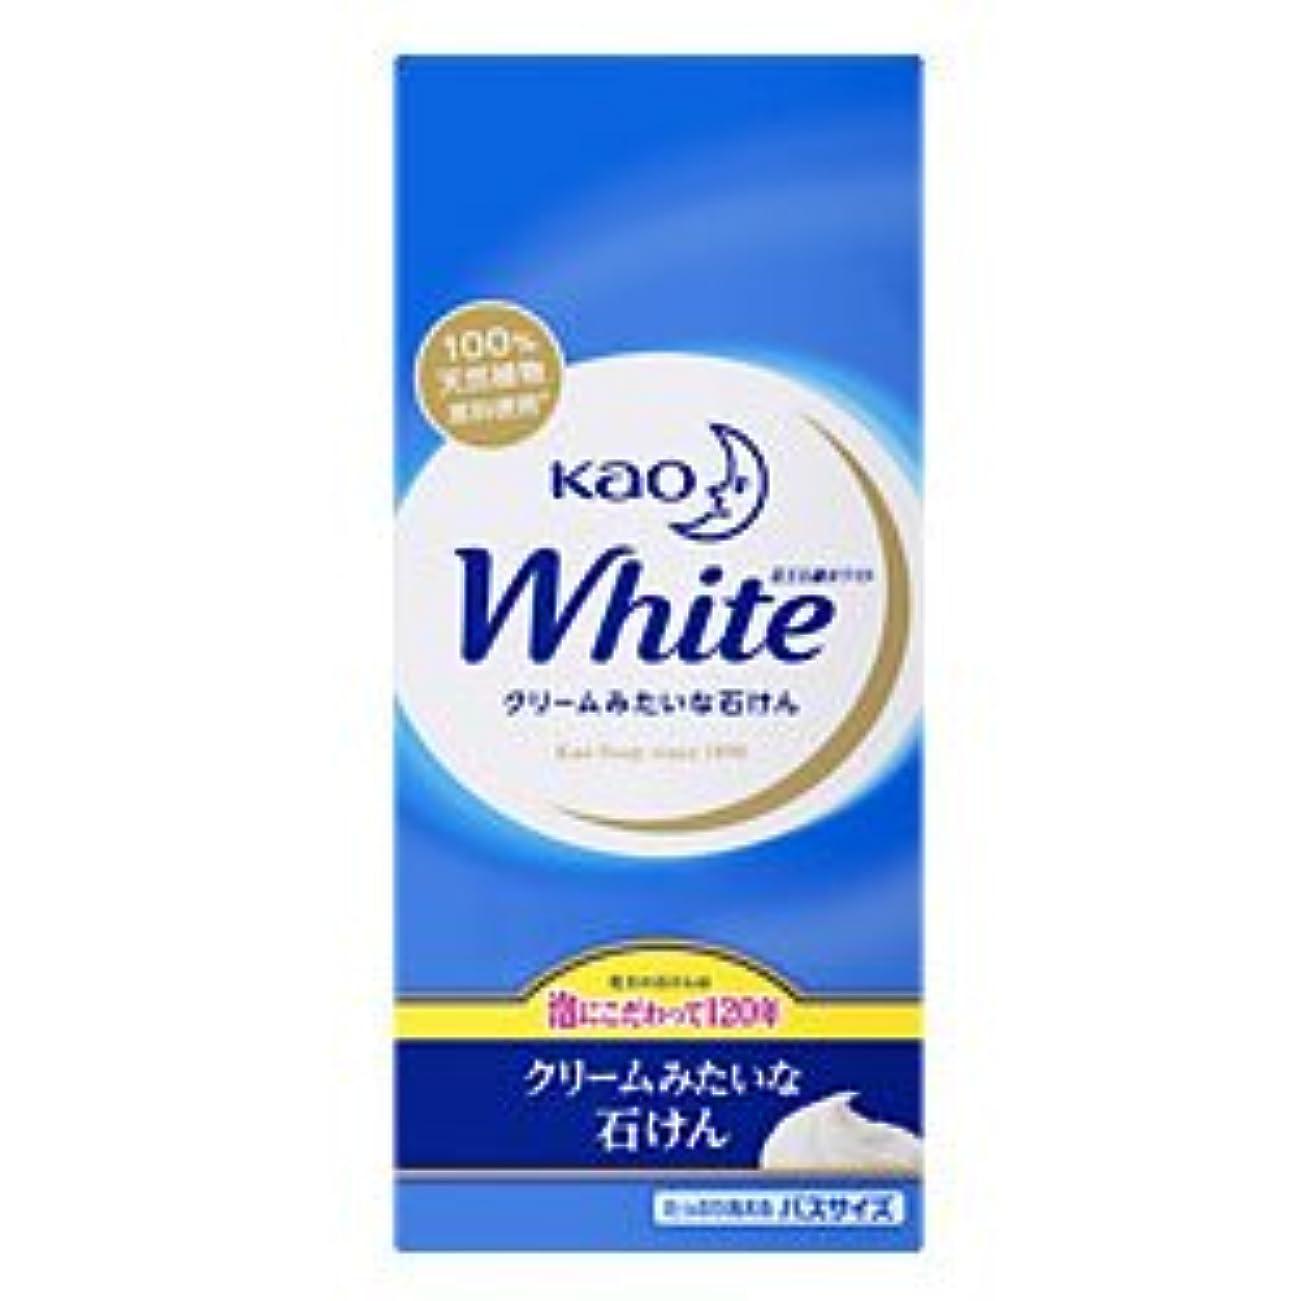 はげ暴露する再発する【花王】花王ホワイト バスサイズ 130g×6個 ×10個セット